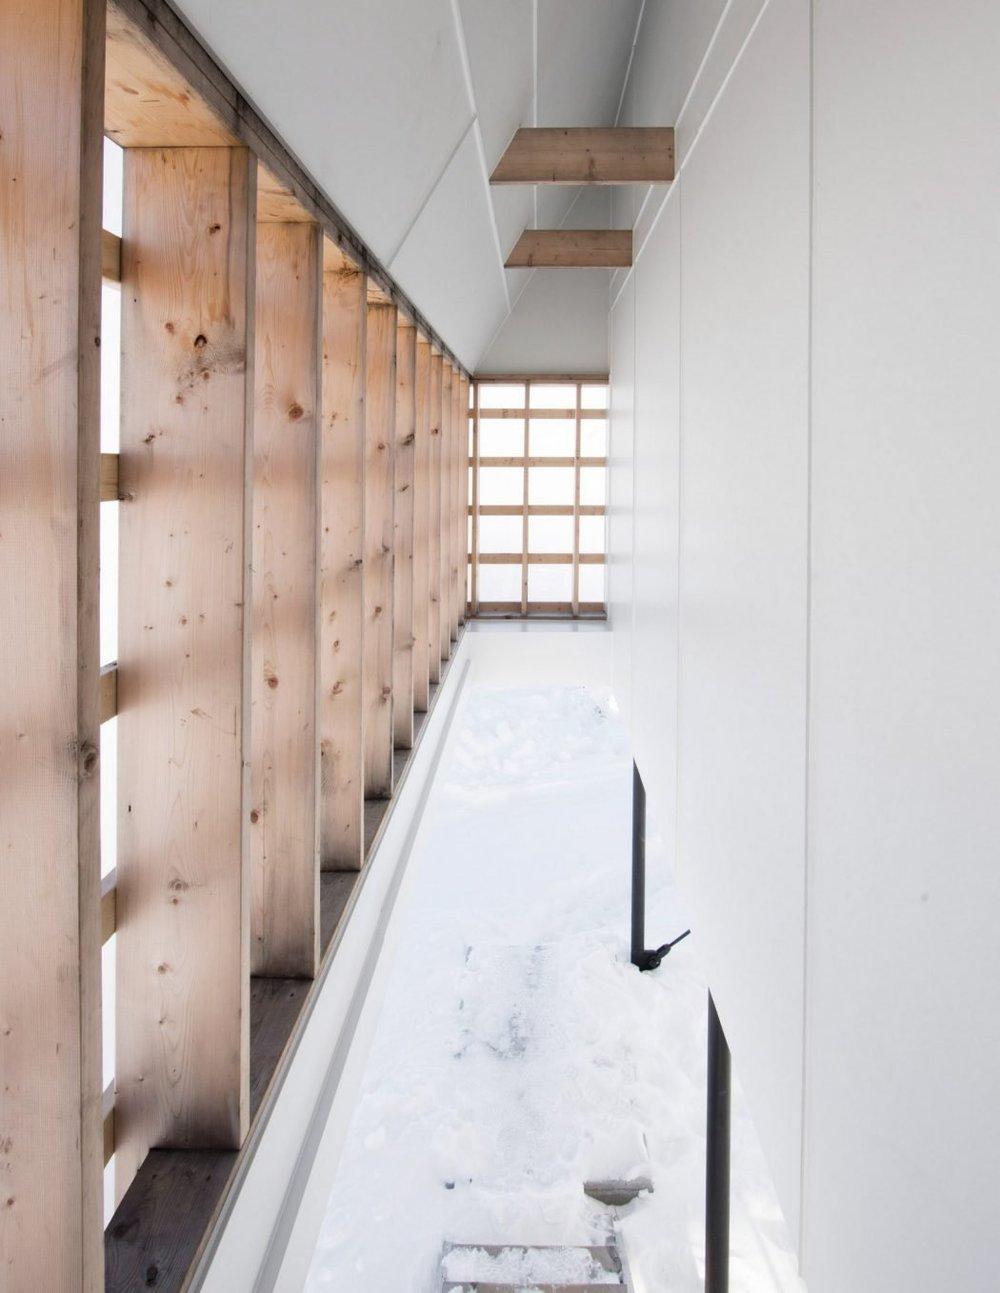 Delordinaire_Architecture-5-1050x1358.jpg